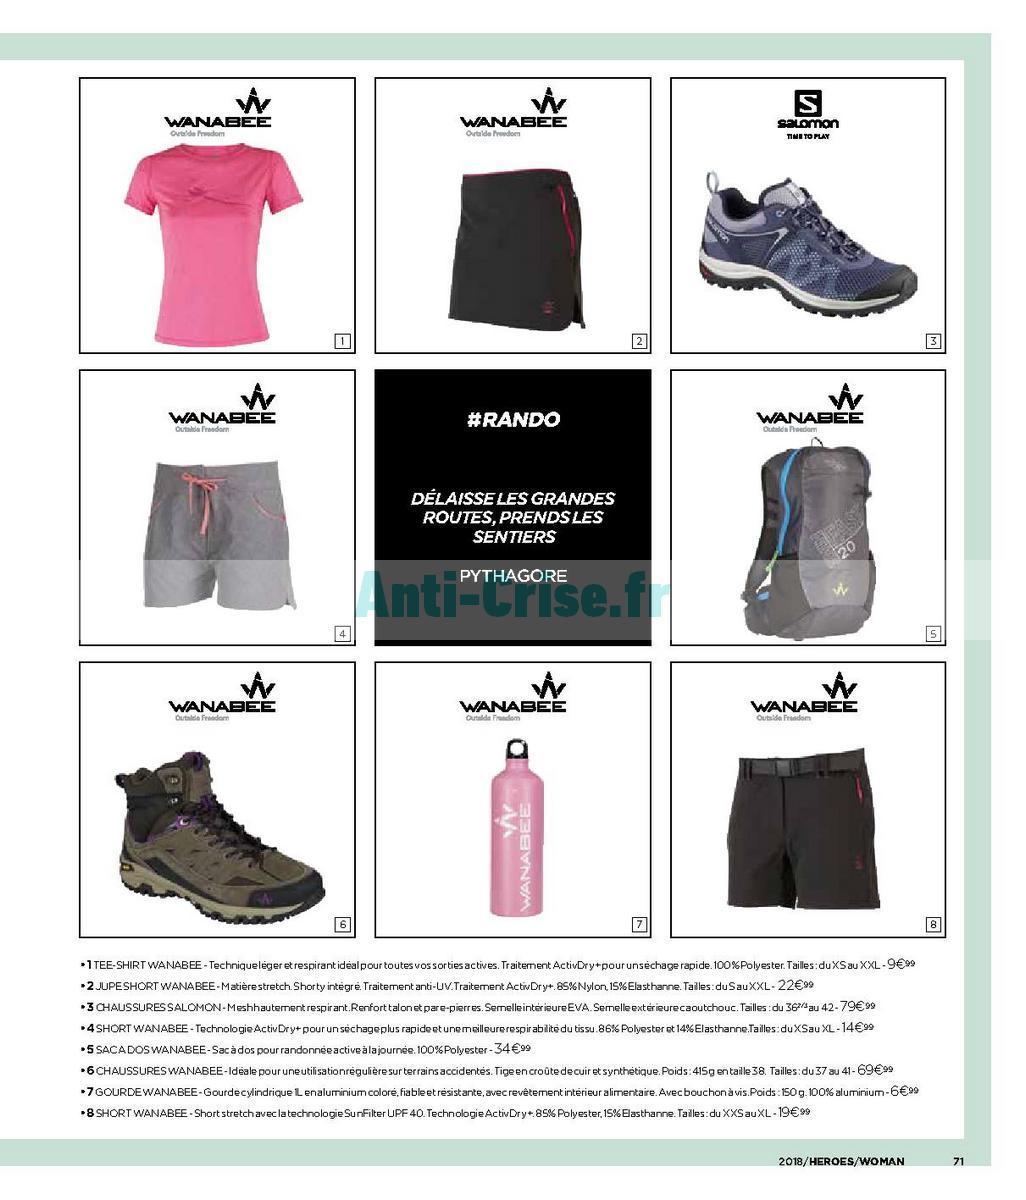 decembre2018 Catalogue Go Sport du 28 avril au 31 décembre 2018 (Spécial Femme) (71)